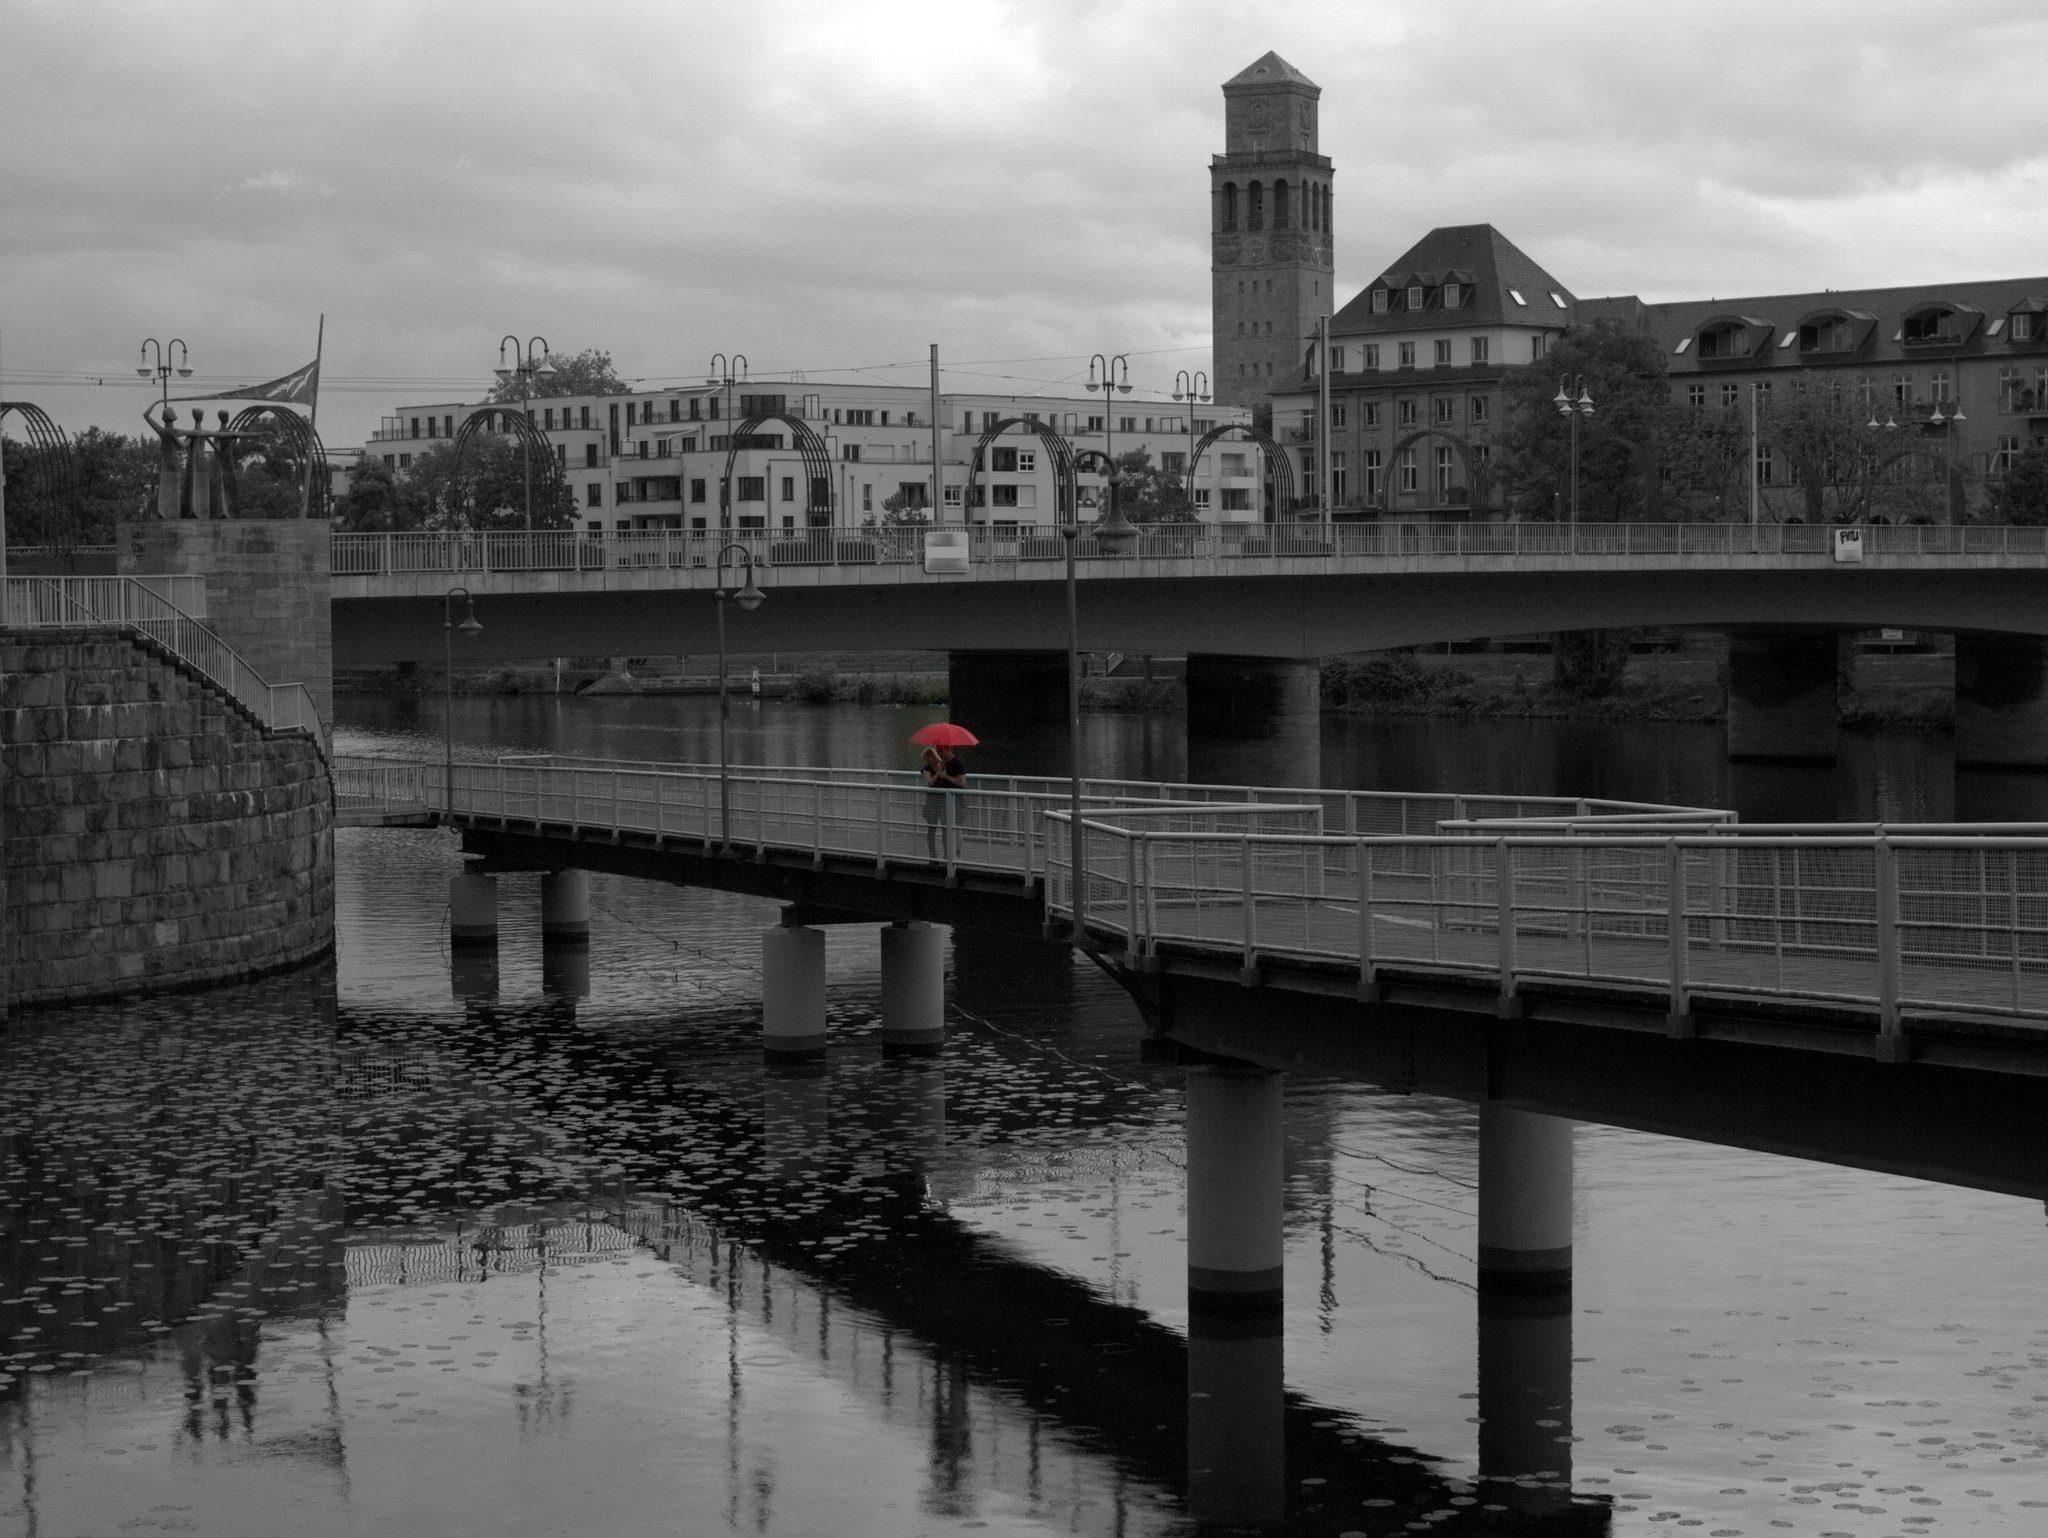 Liebe im Regen - Mülheim an der Ruhr